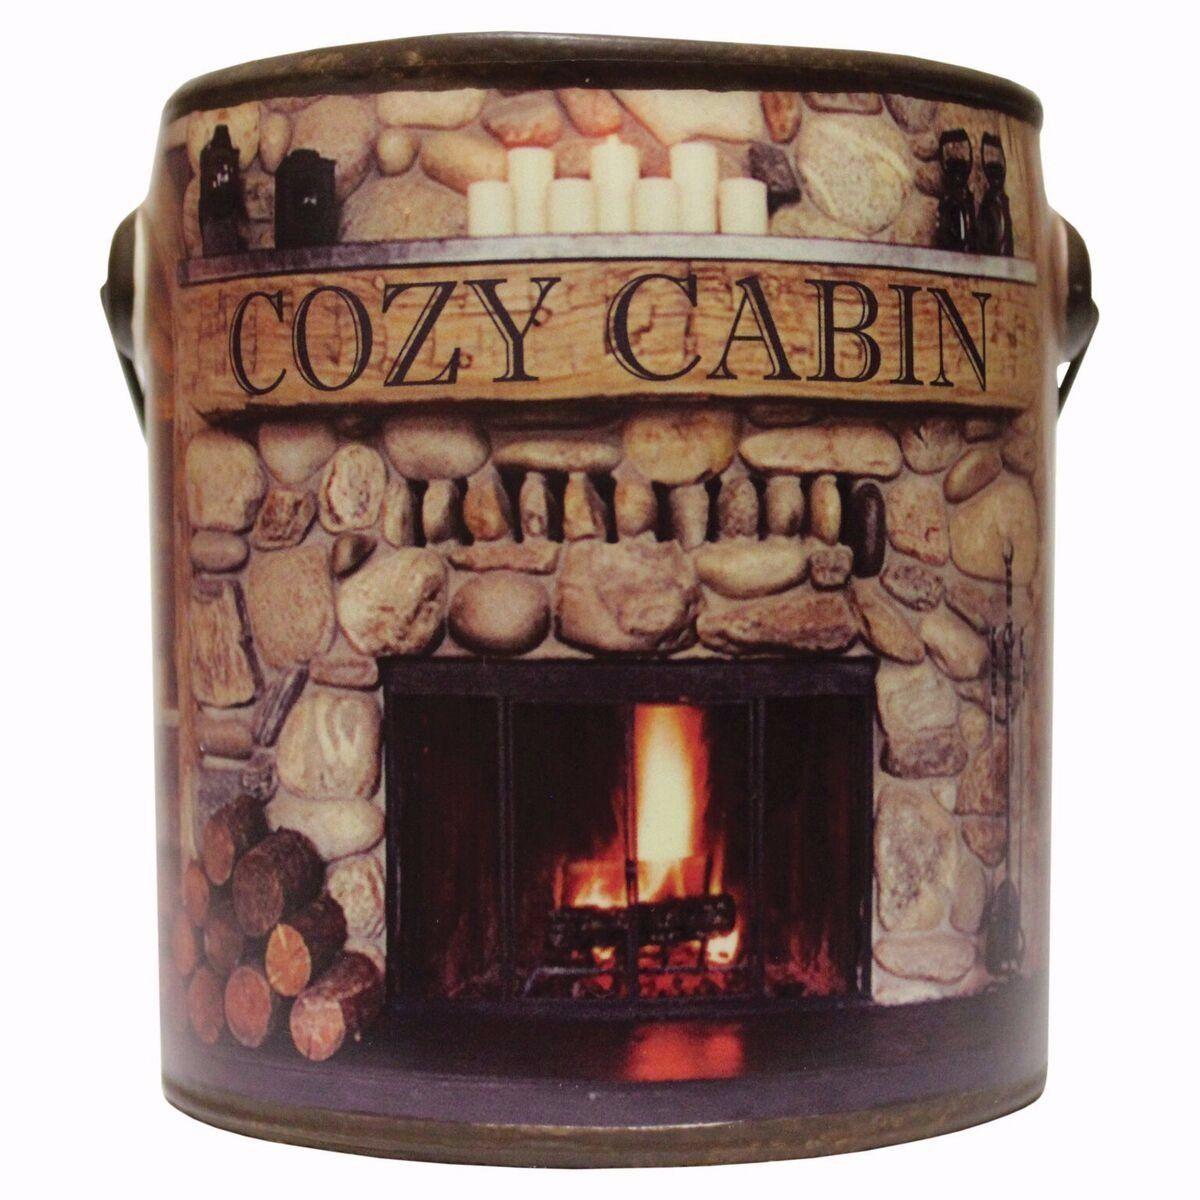 Farm fresh ceramic cancozy cabin 20 oz candle cozy